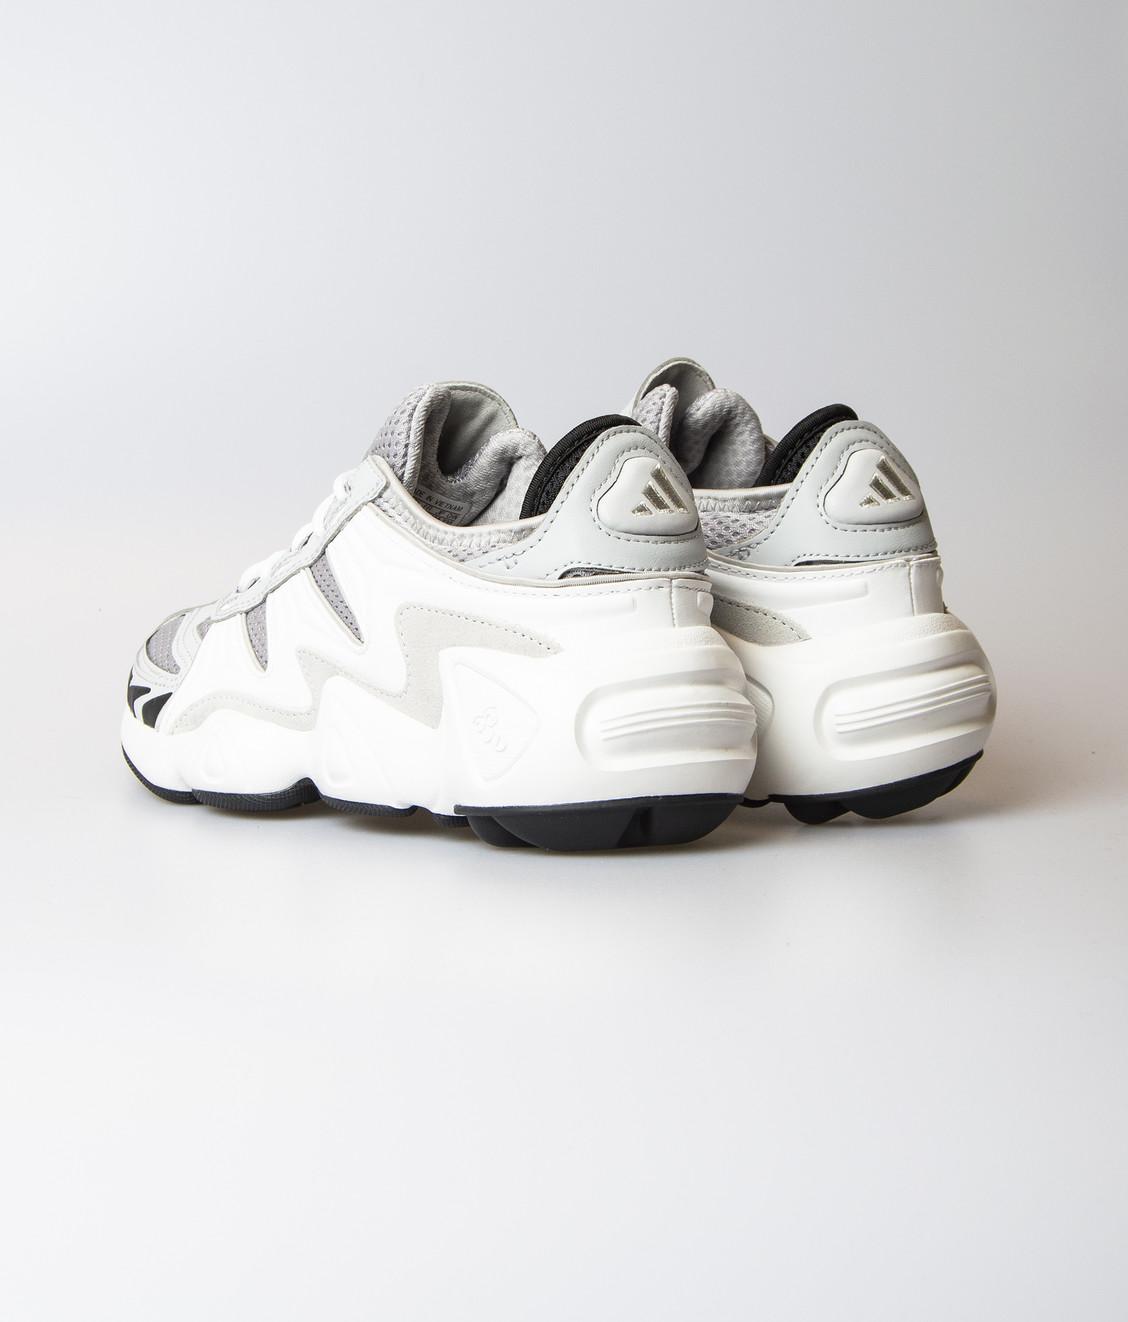 Adidas Adidas FYW S-97 Grey White